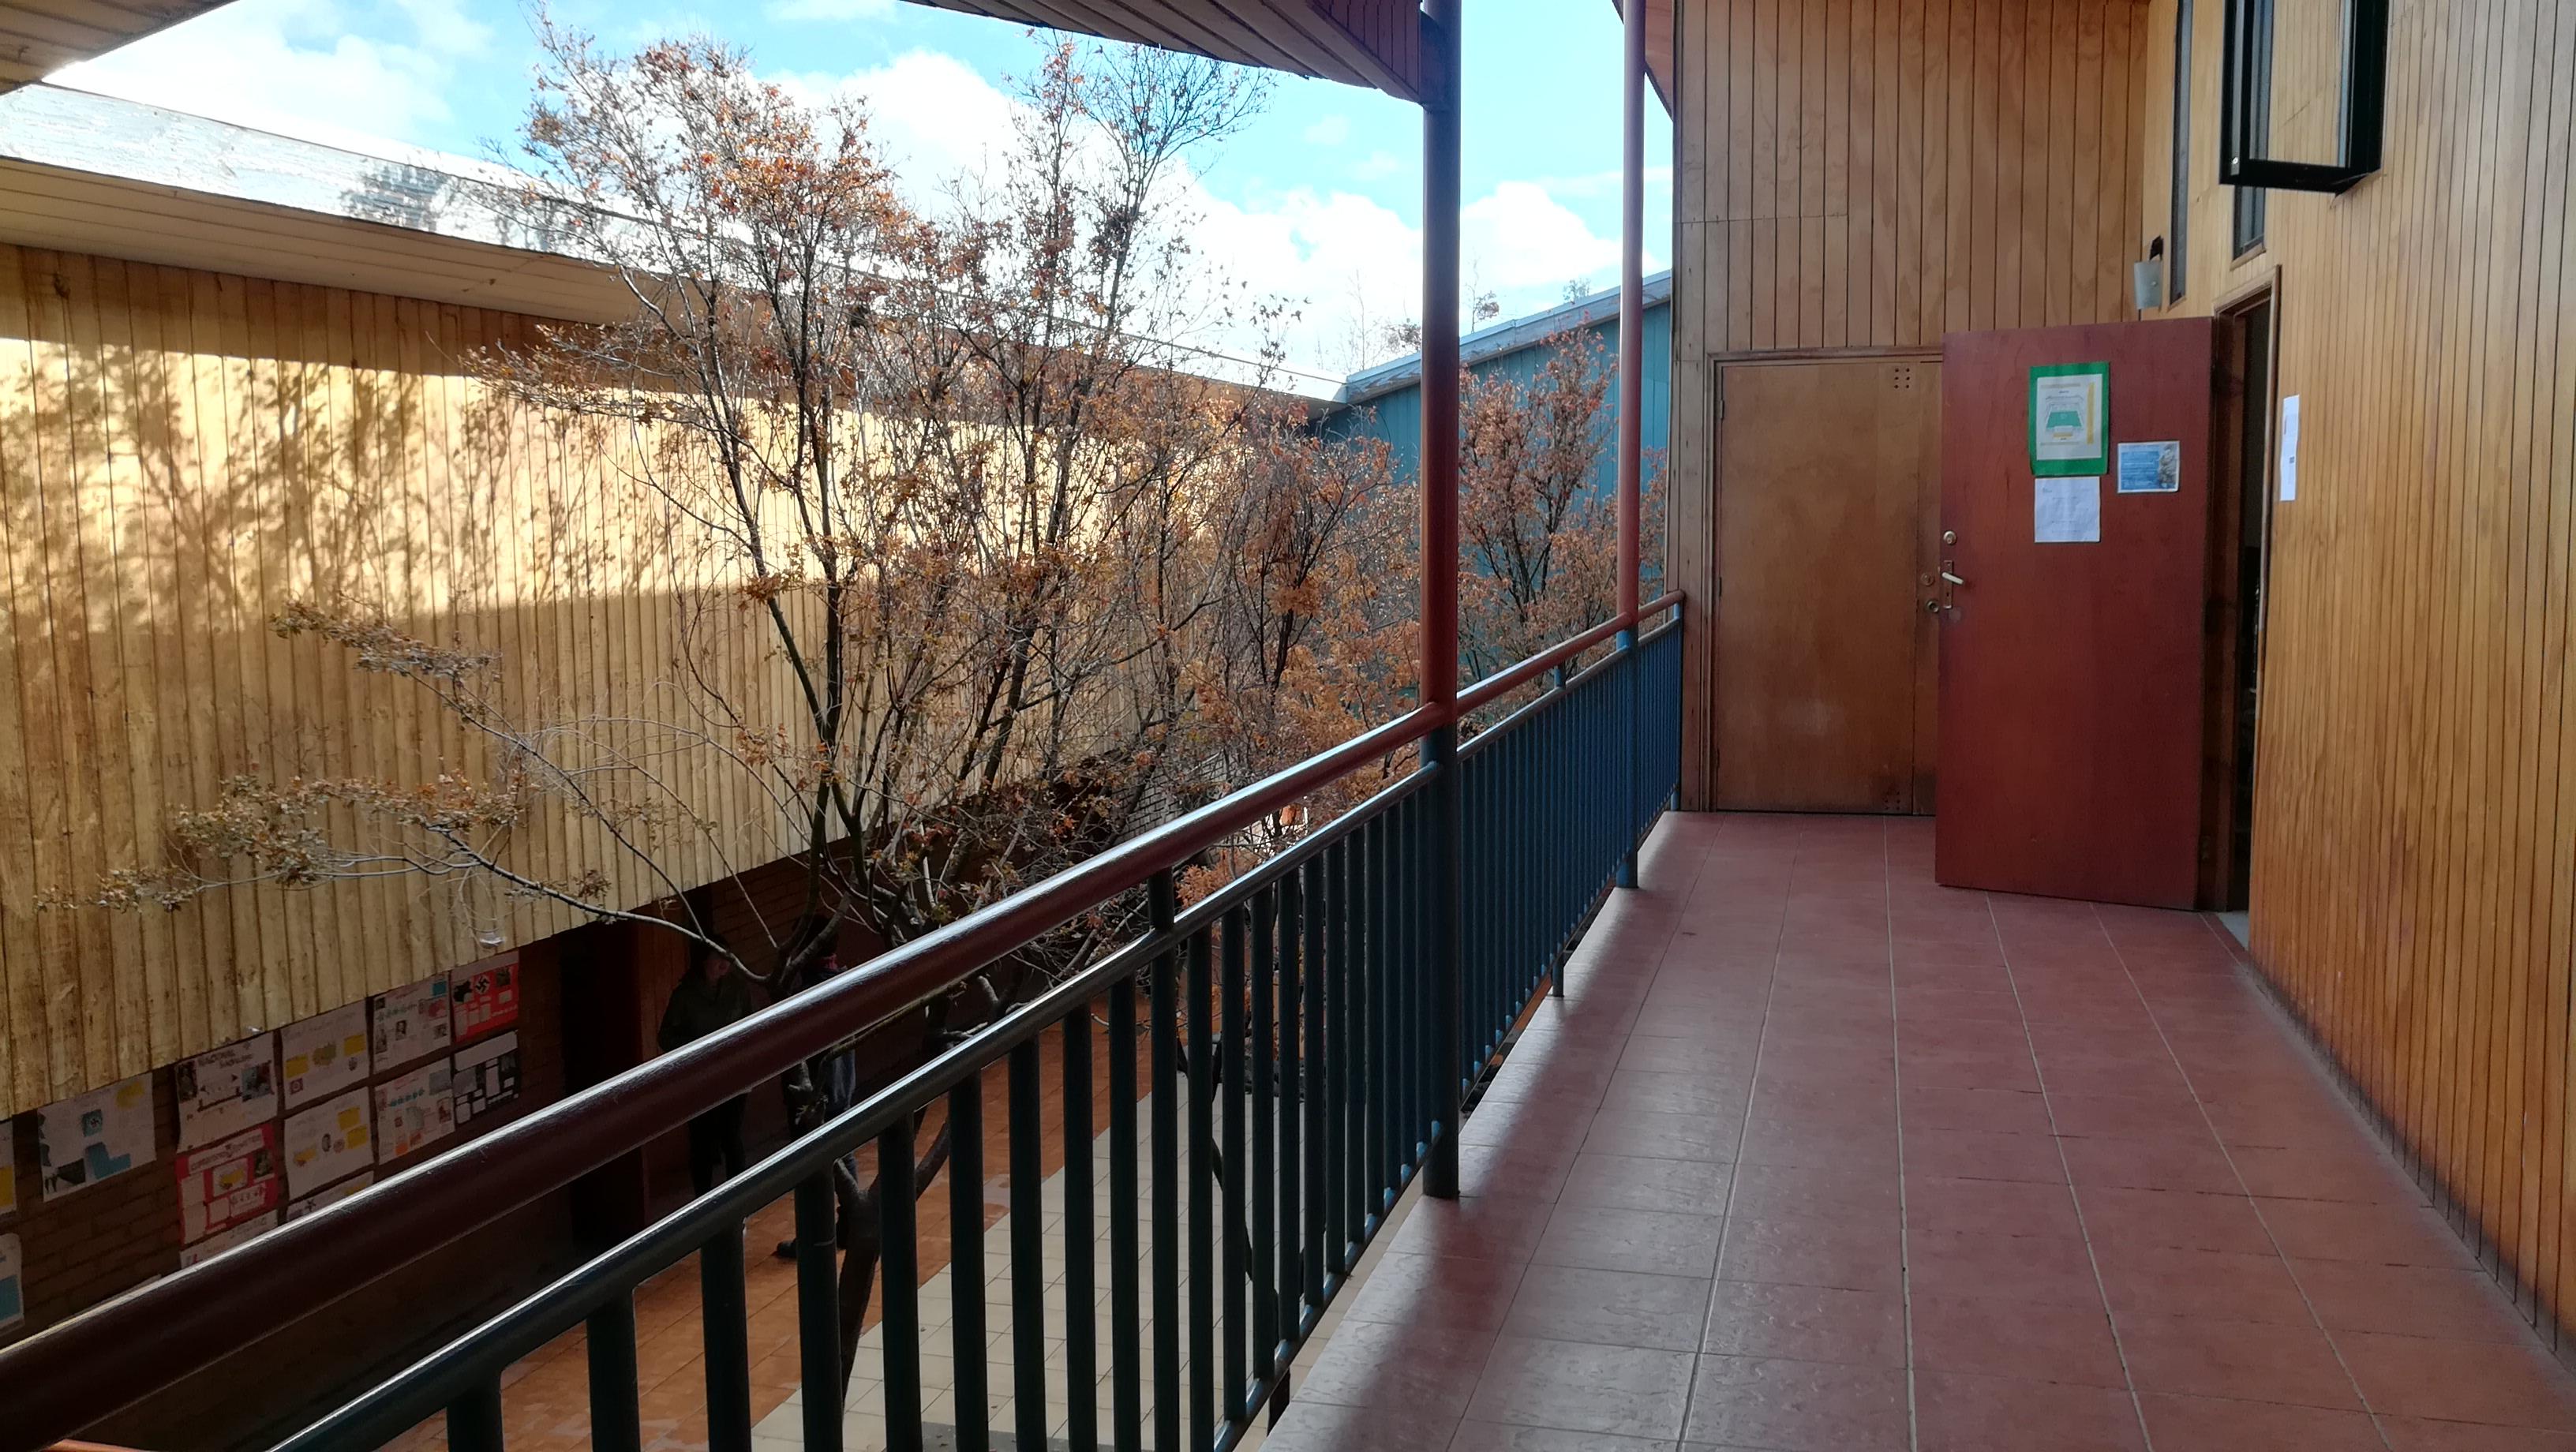 <span class='slide-title'><p>Vista pasillo 2do piso</p></span>